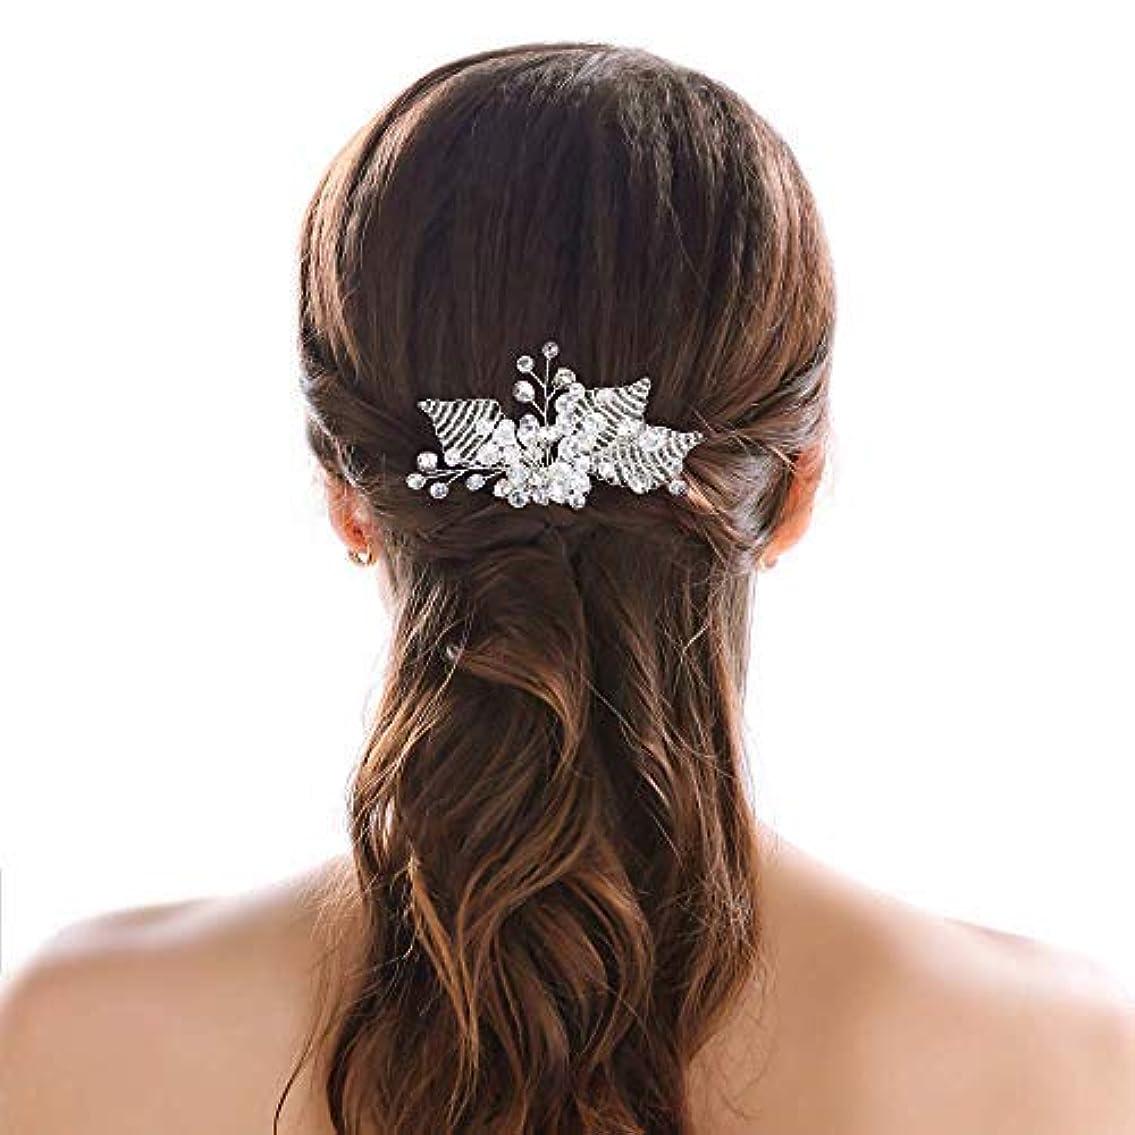 加速する有害ハウジングJovono Bride Wedding Hair Comb Bridal Headpieces Beaded Rhinestone Hair Accessories for Women and Girls (Silver...